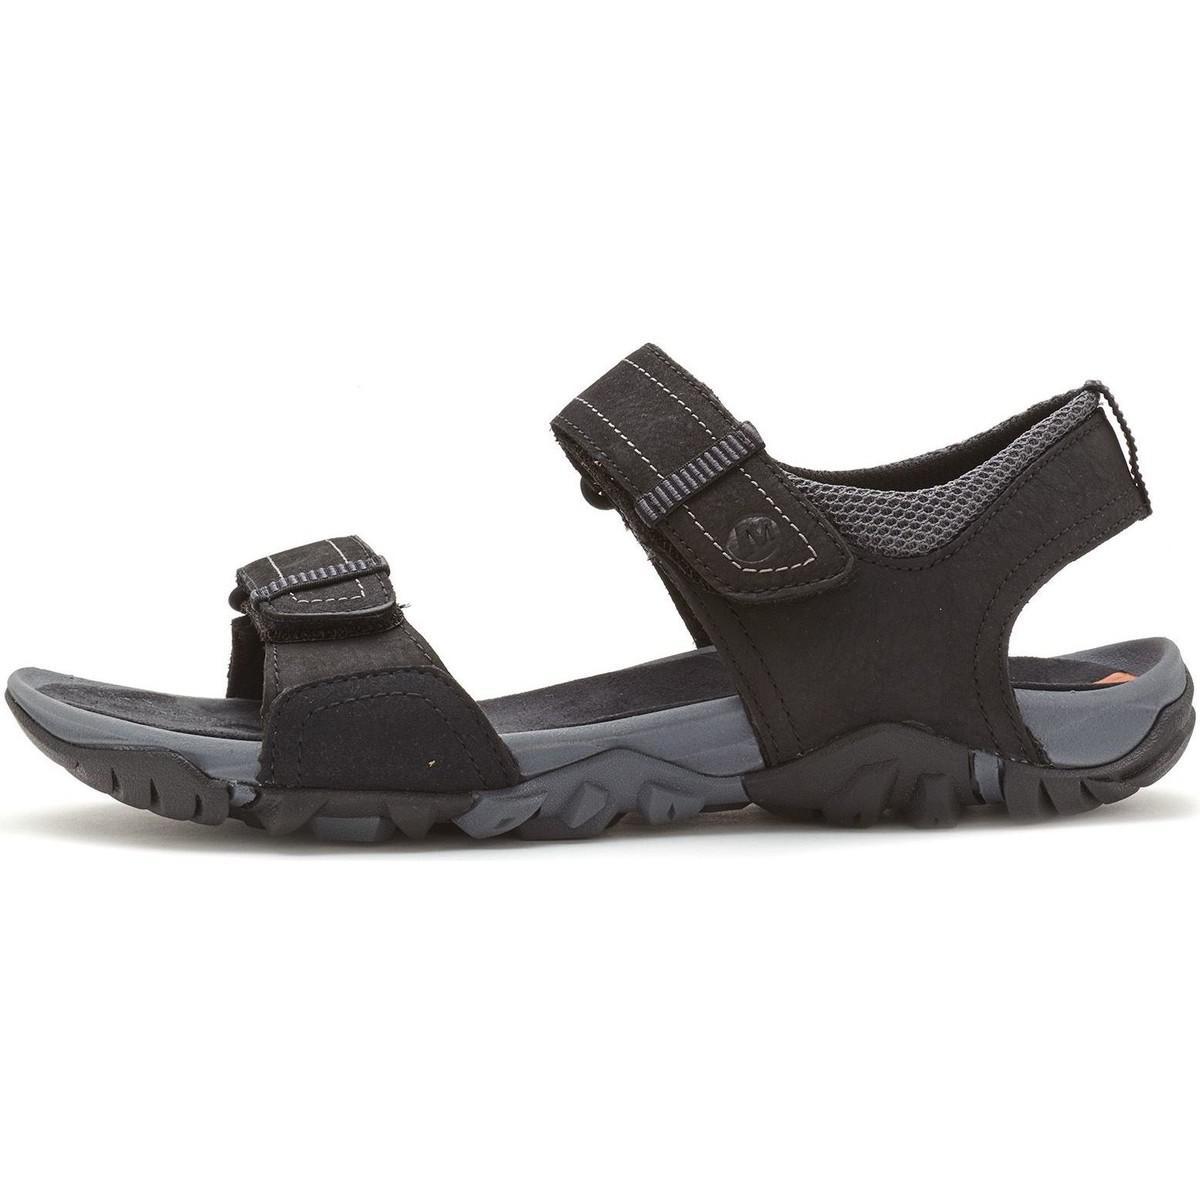 Merrell. Telluride Strap Hook Loop Sandal In Black J71101 Men's ...